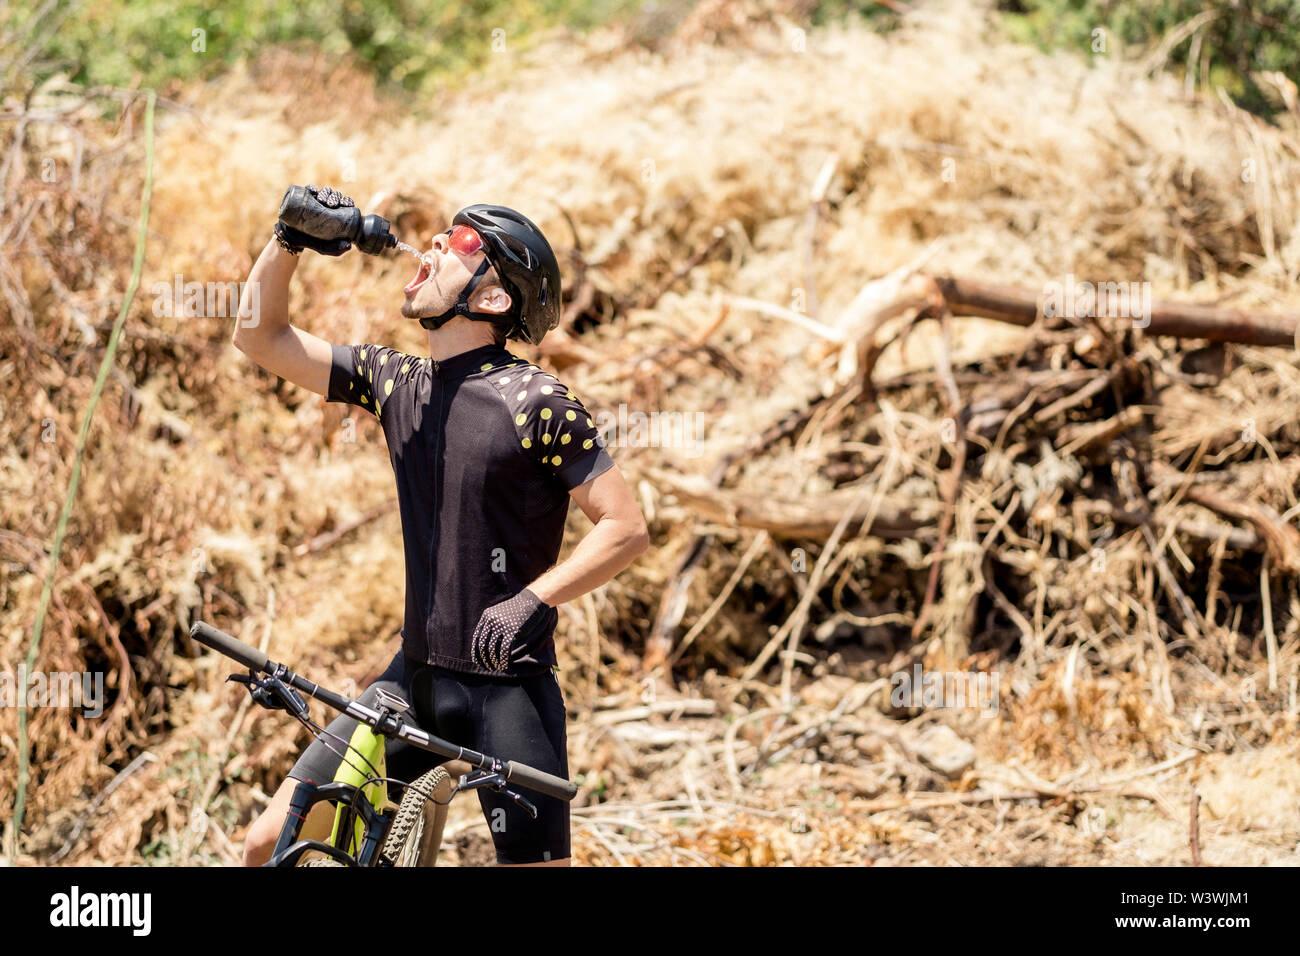 Oberkörper von Mountainbike männliche Radfahrer rehydrating Stockfoto